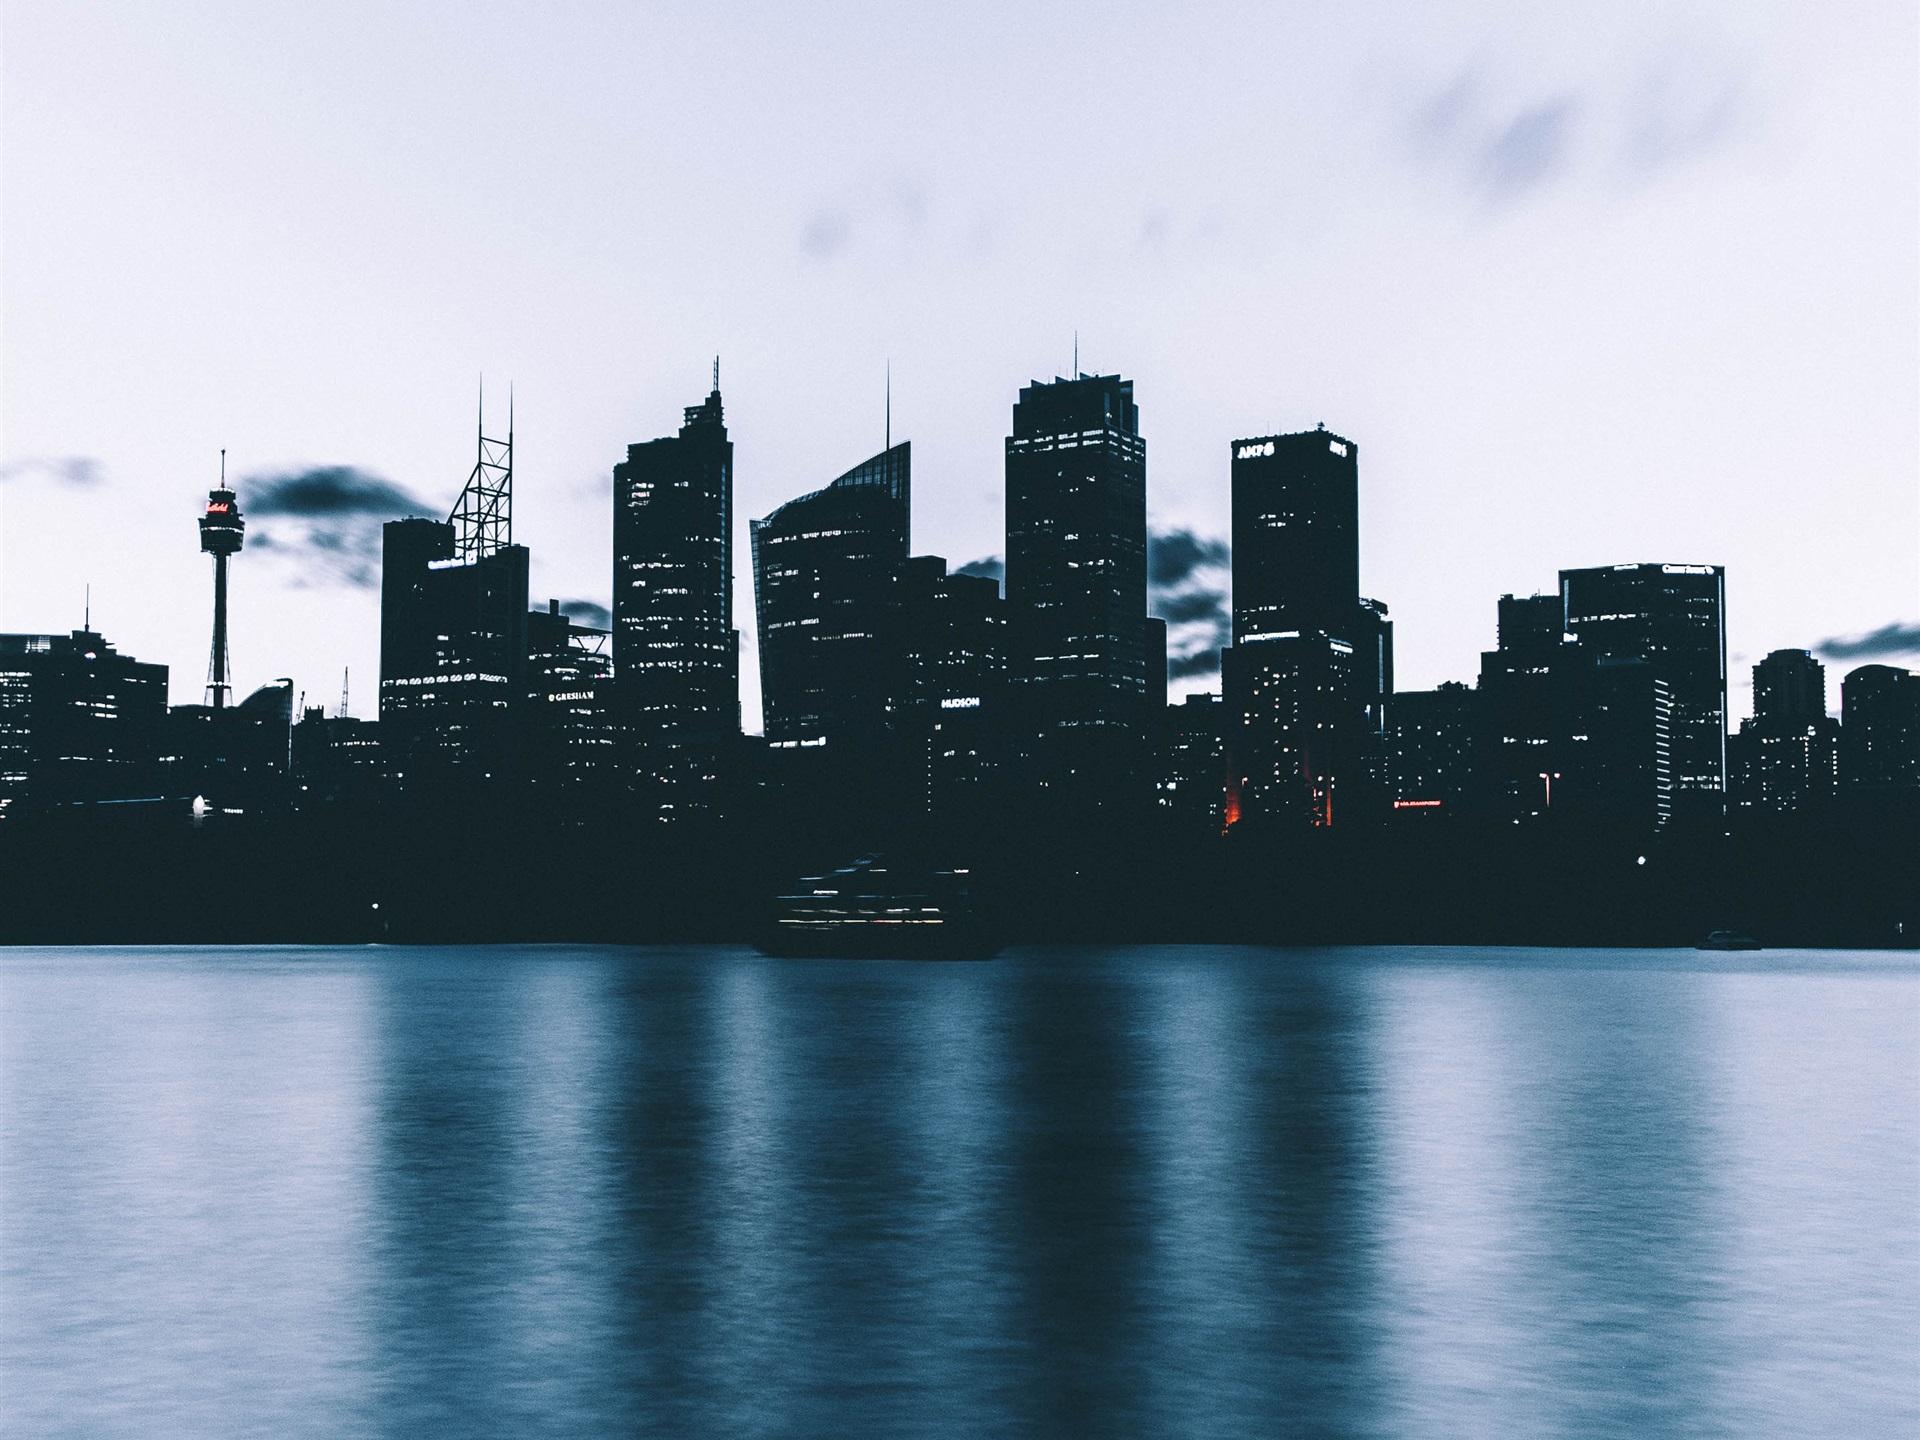 минимализм фото город видимым удовольствием рассказал